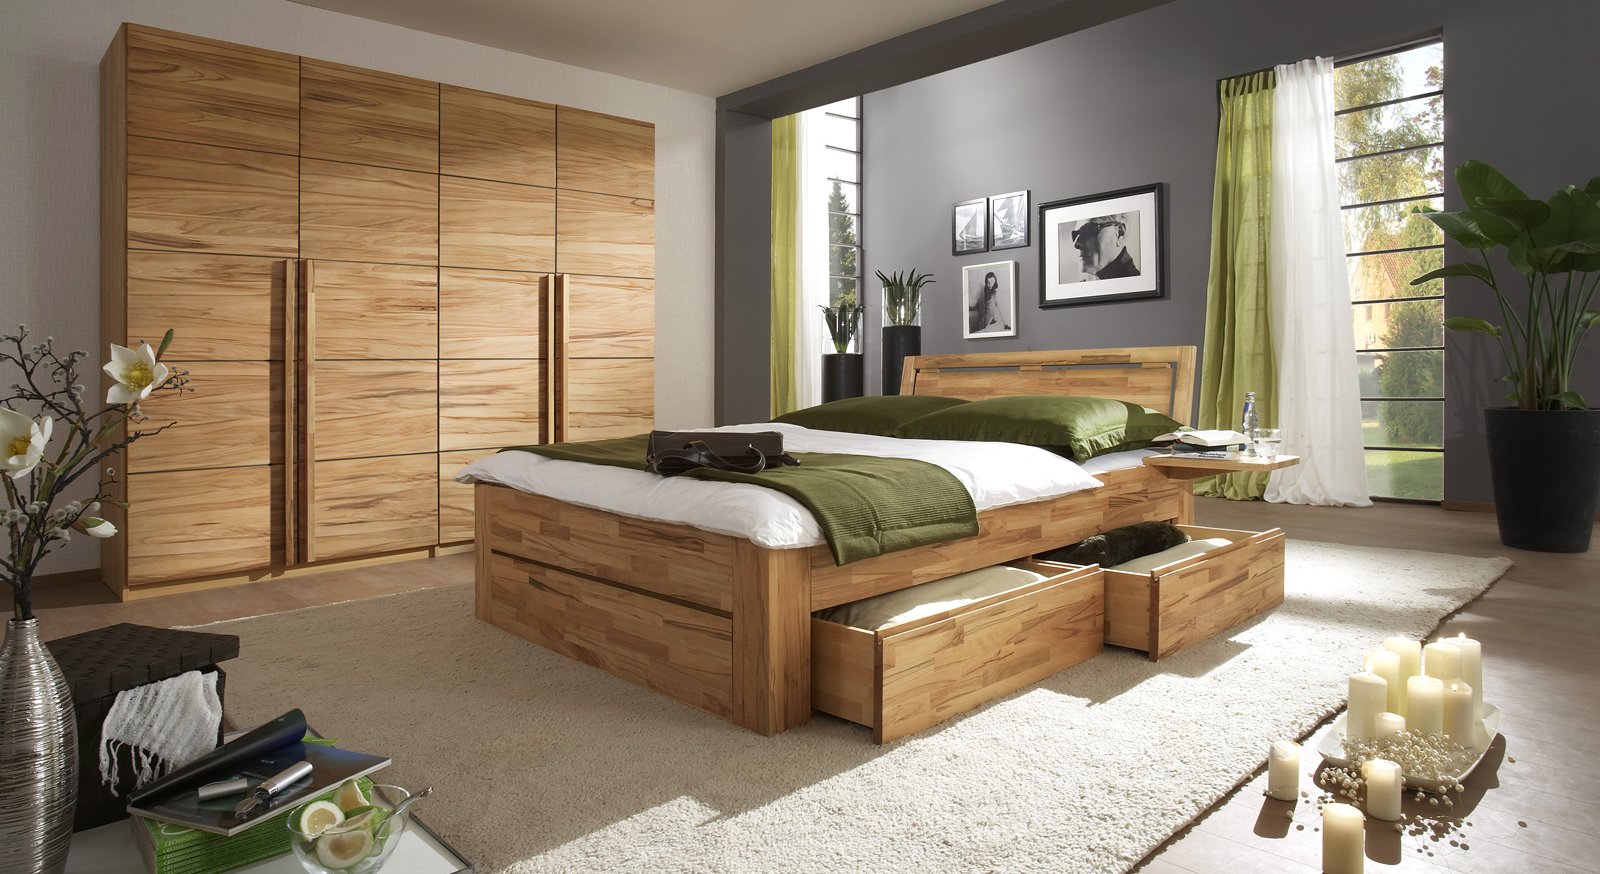 Schlafzimmerkasten vollholz  Schlafzimmerkasten Vollholz | gispatcher.com